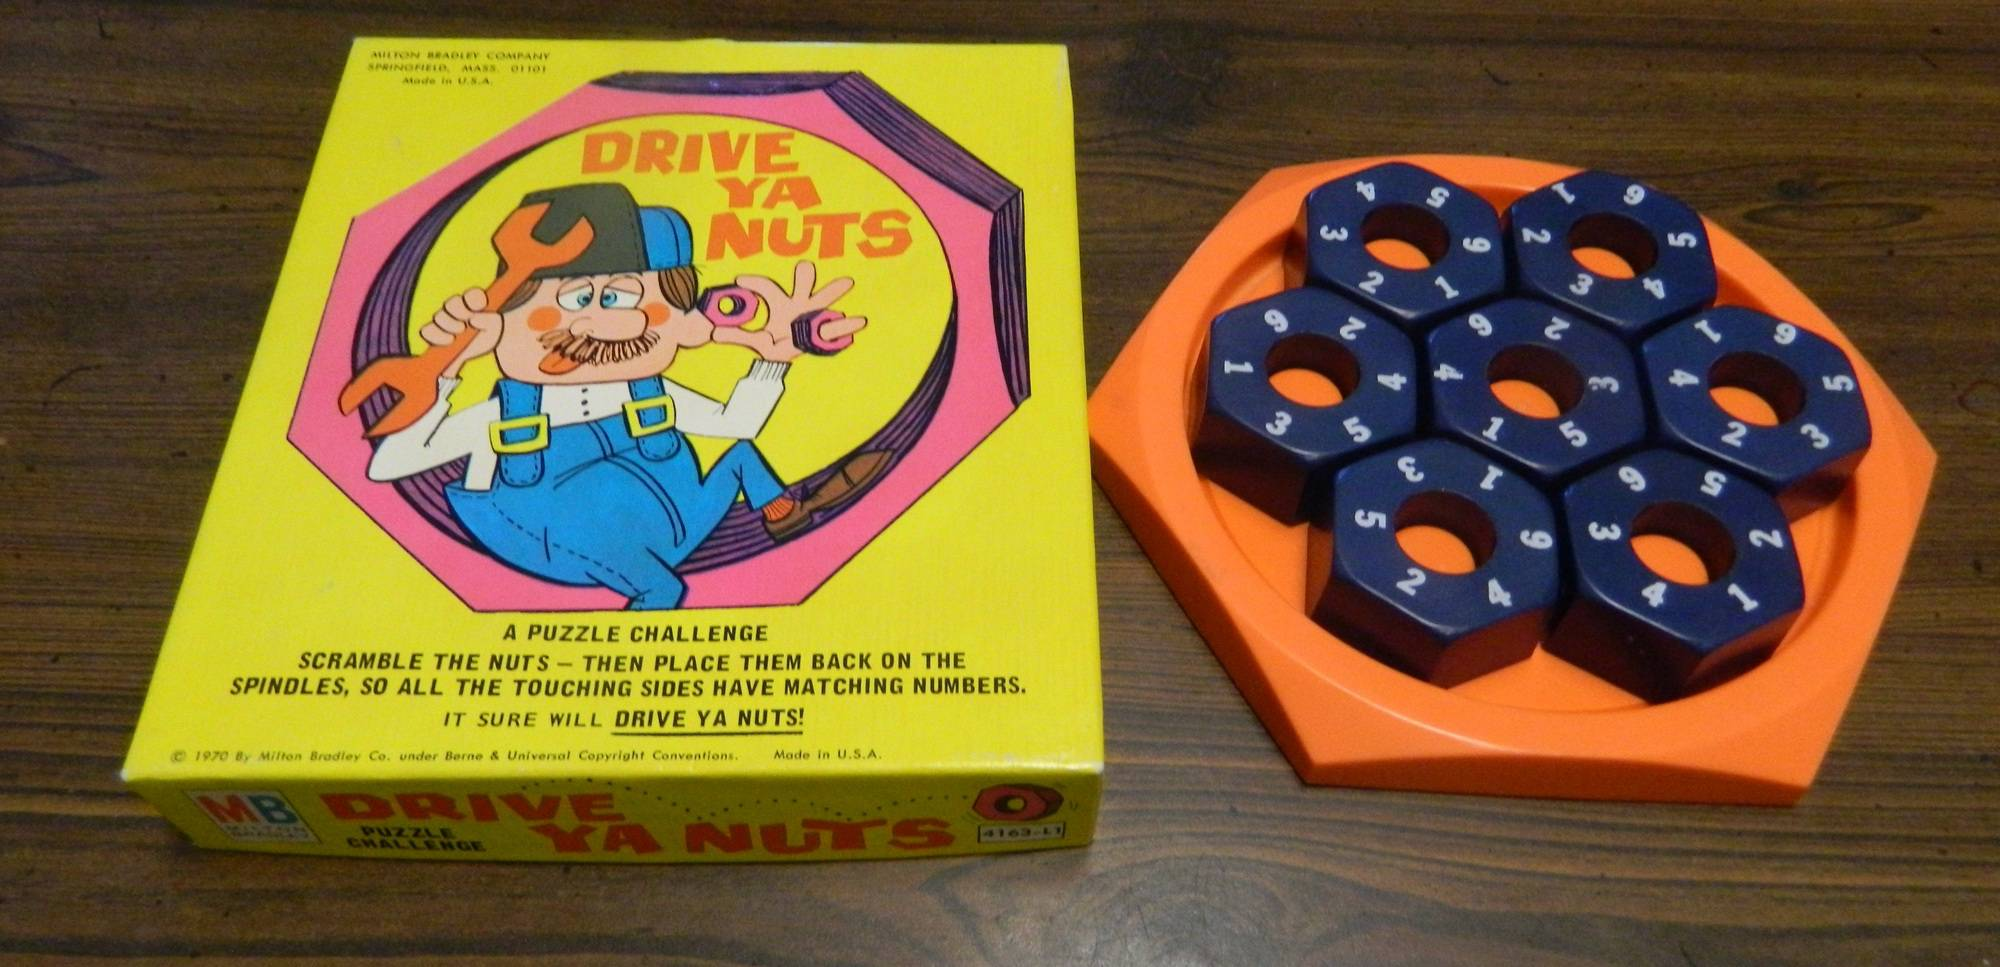 Box for Drive Ya Nuts